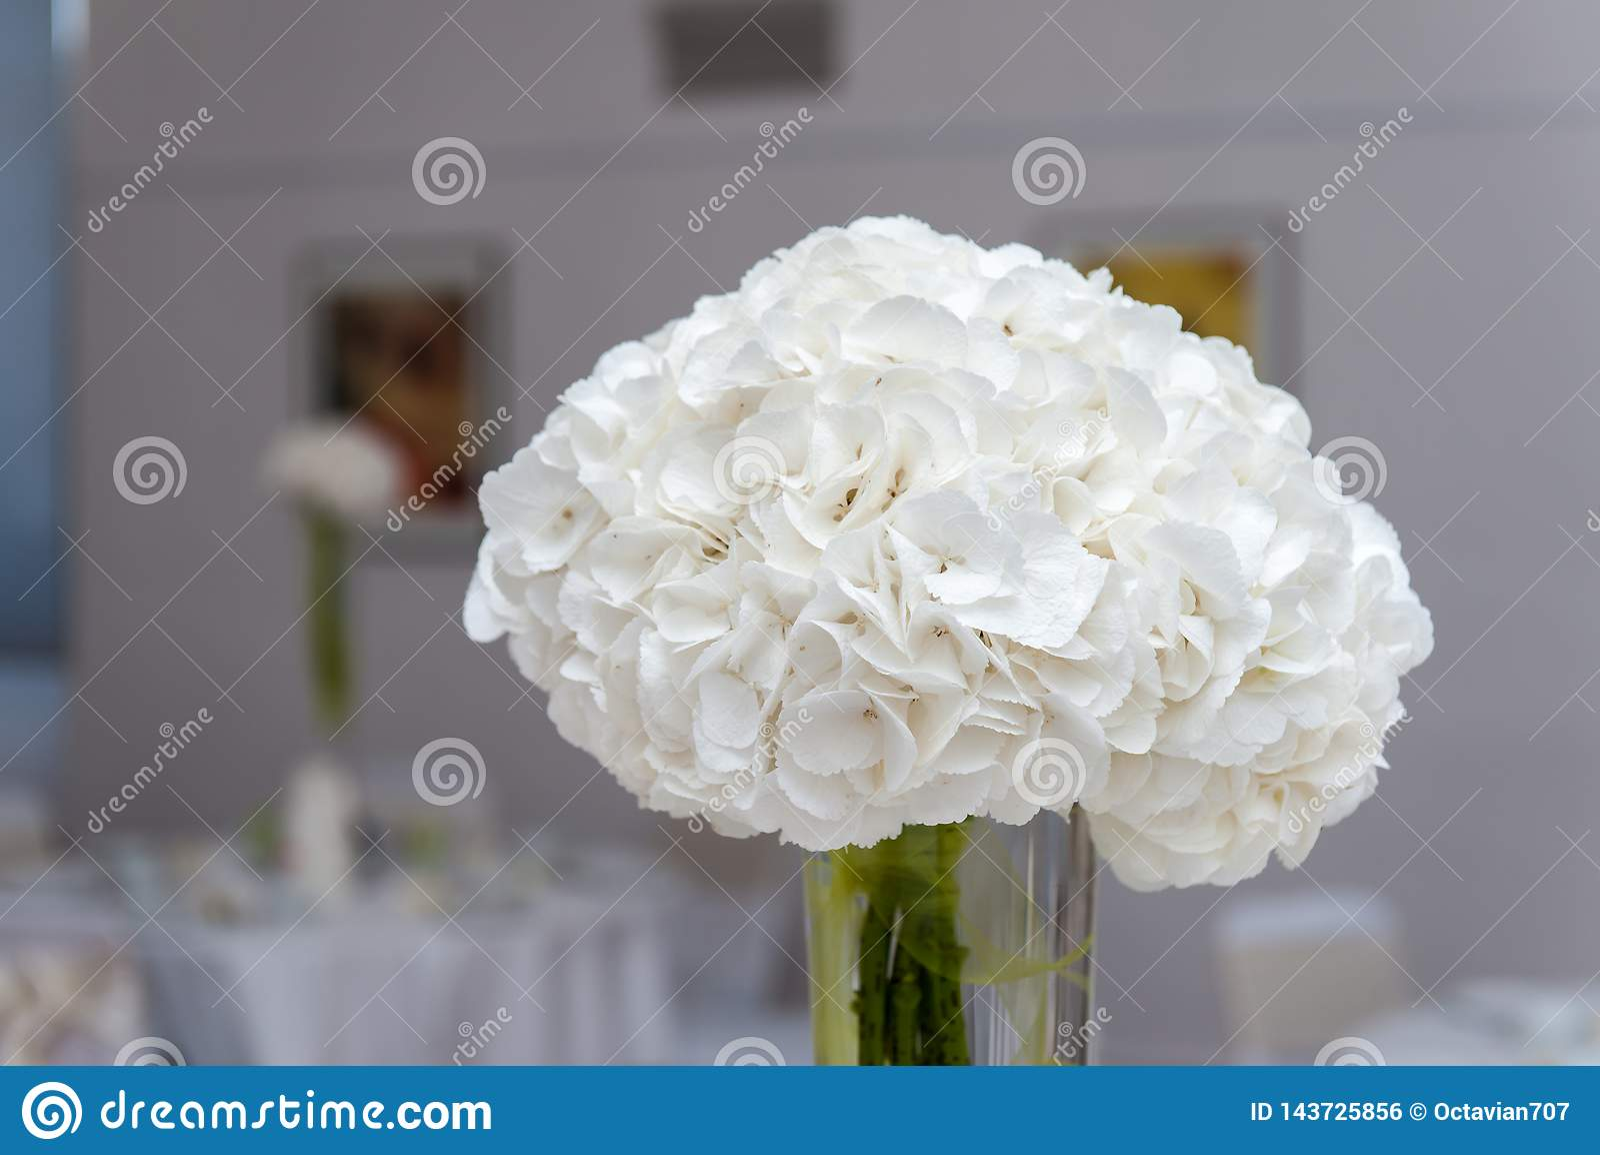 Bouquet de fleur blanche dans le vase sur la table